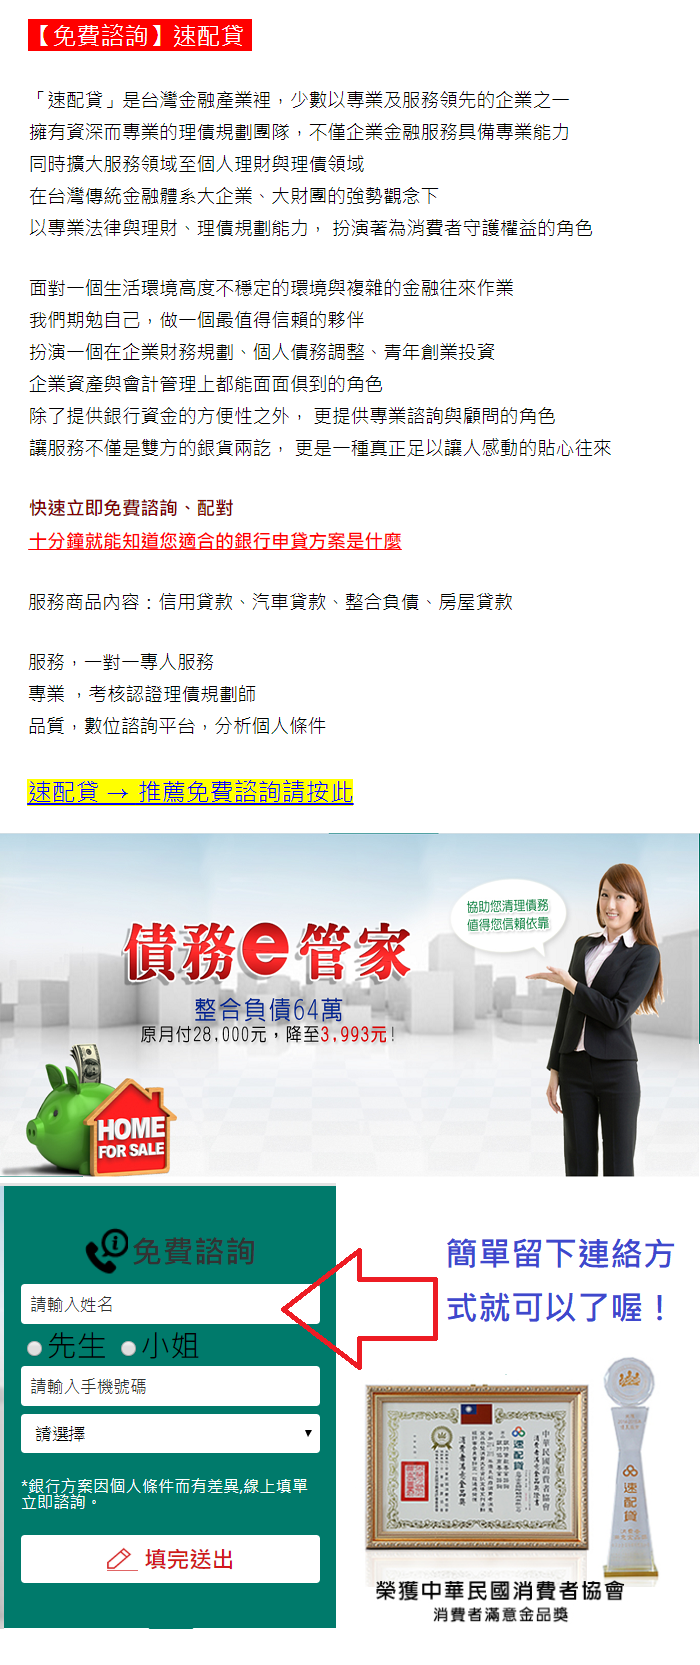 銀行房屋抵押貸款方法